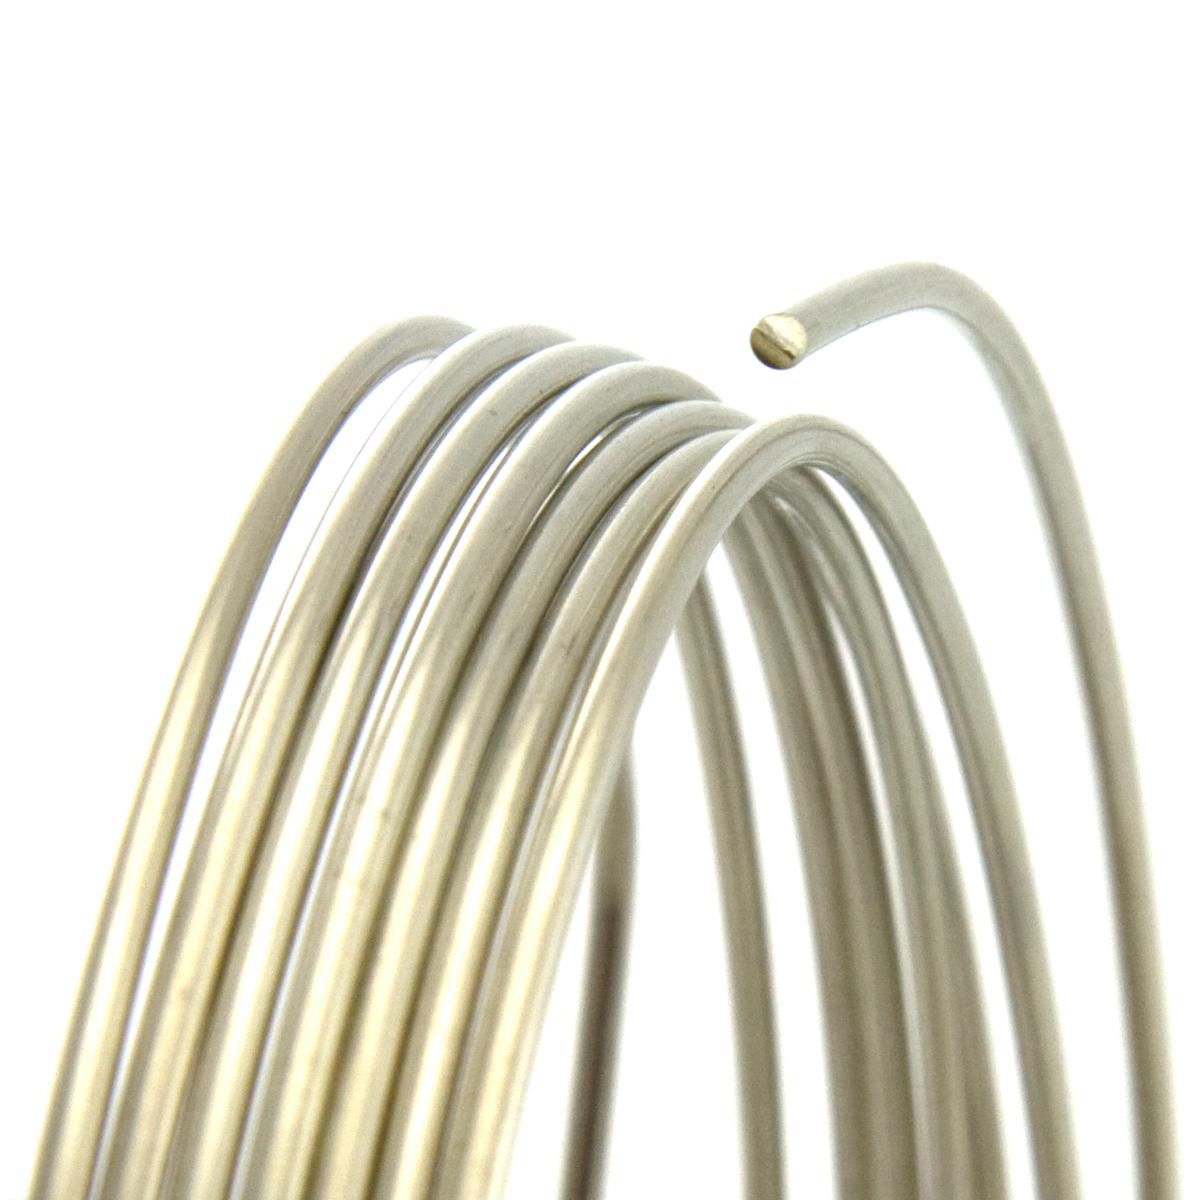 20 Gauge Round Half Hard Nickel Silver Wire: Wire Jewelry | Wire ...